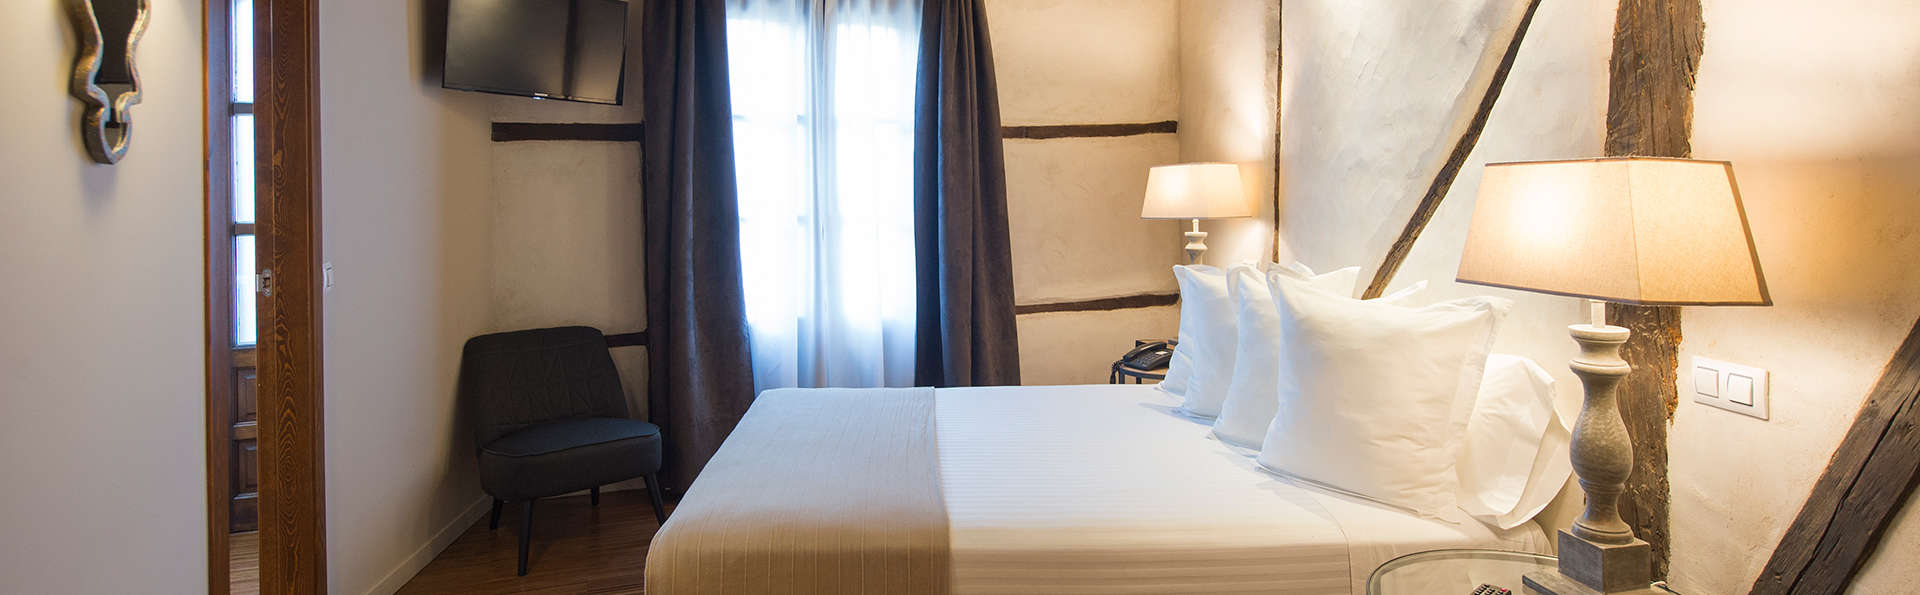 Hotel en pleno centro de Toledo con desayuno y salida tardía